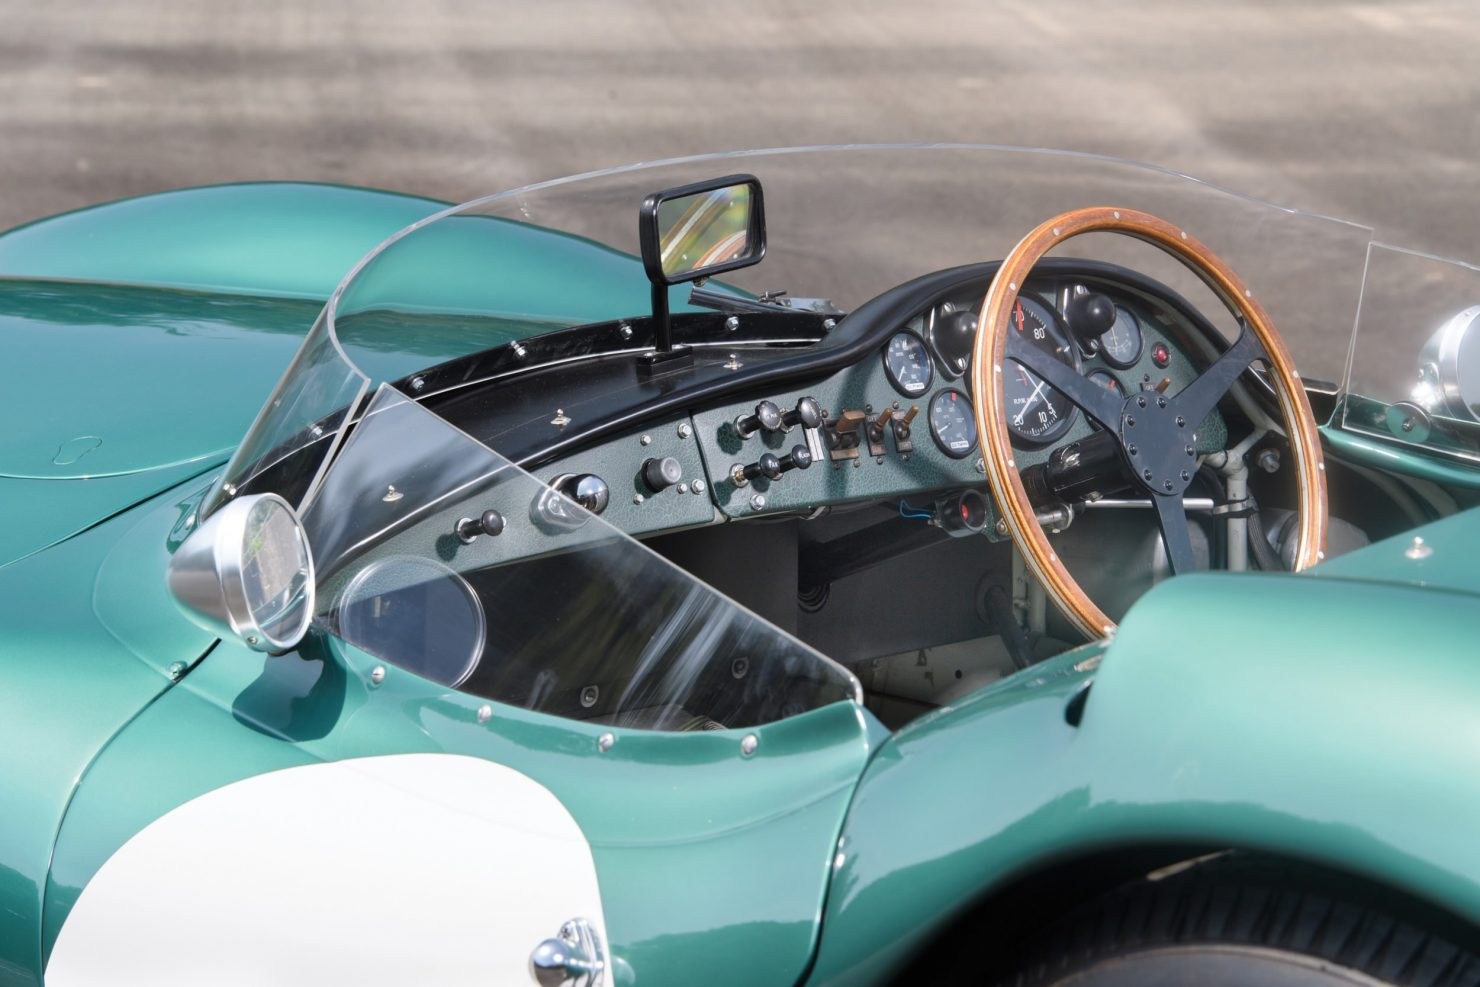 aston martin dbr1 13 1480x987 - 1956 Aston Martin DBR1